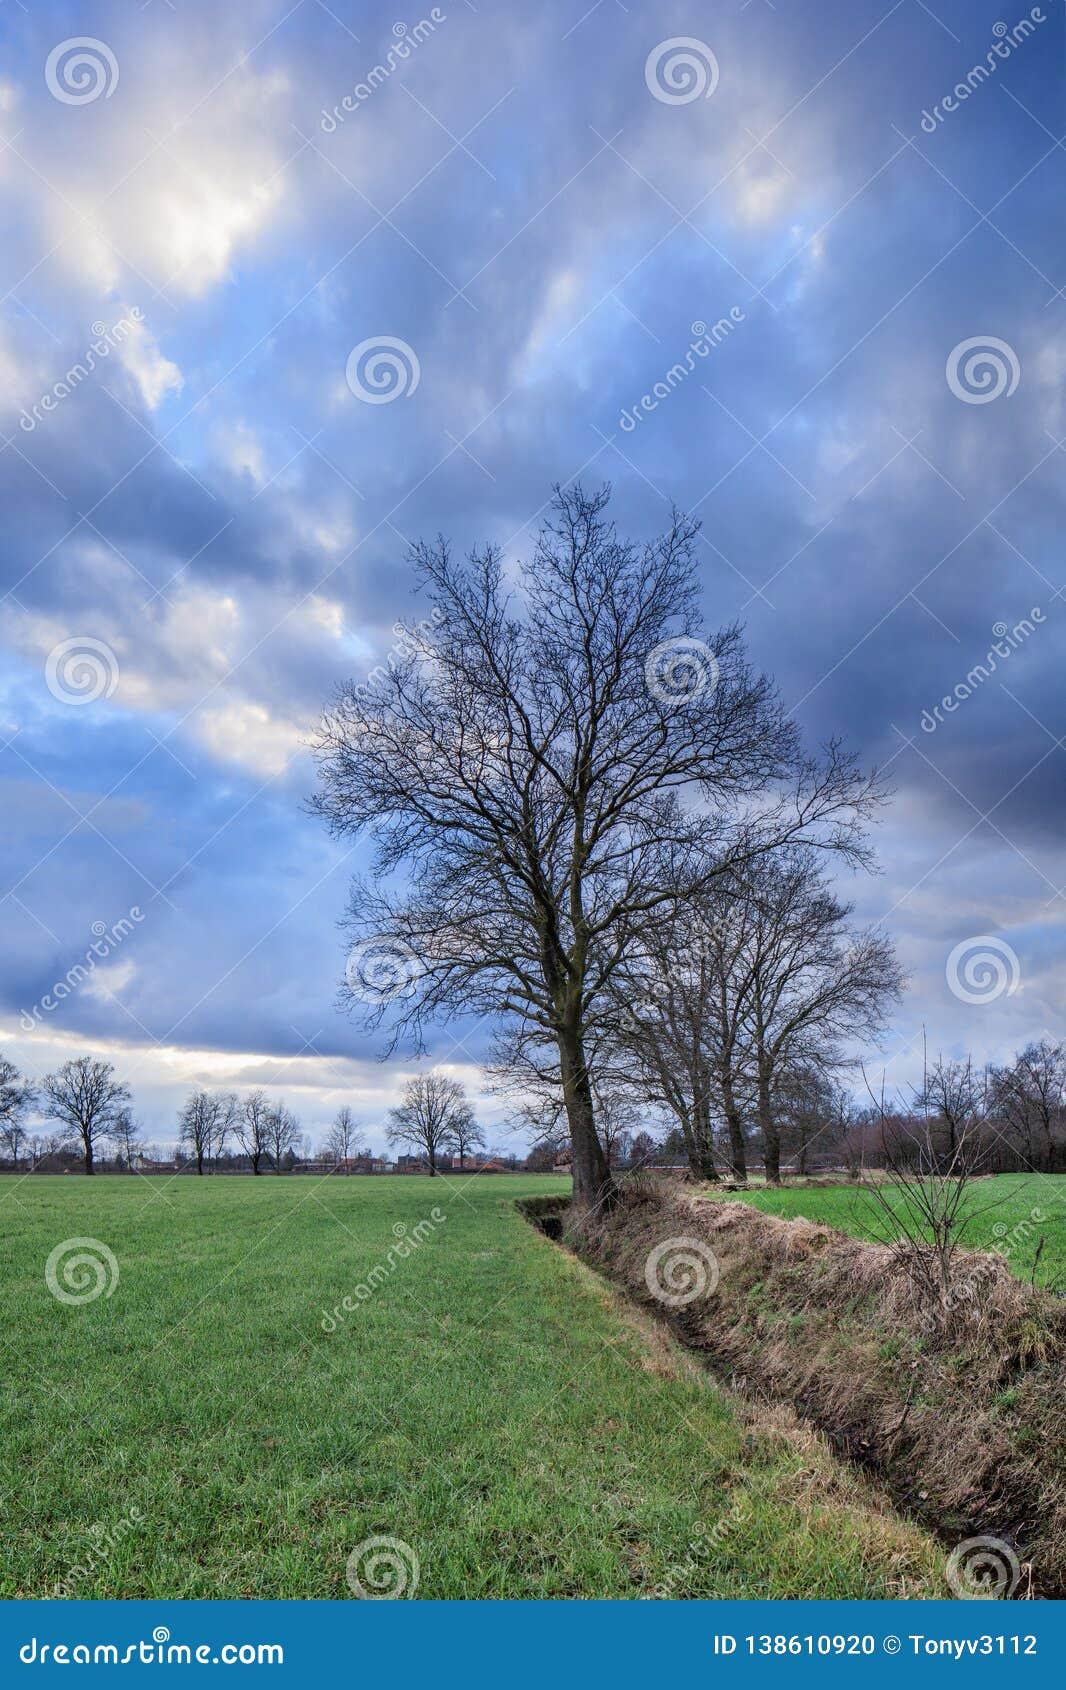 Αγροτικό τοπίο, τομέας με τα δέντρα κοντά σε μια τάφρο με τα δραματικά σύννεφα στο λυκόφως, Weelde, Φλαμανδική περιοχή, Βέλγιο